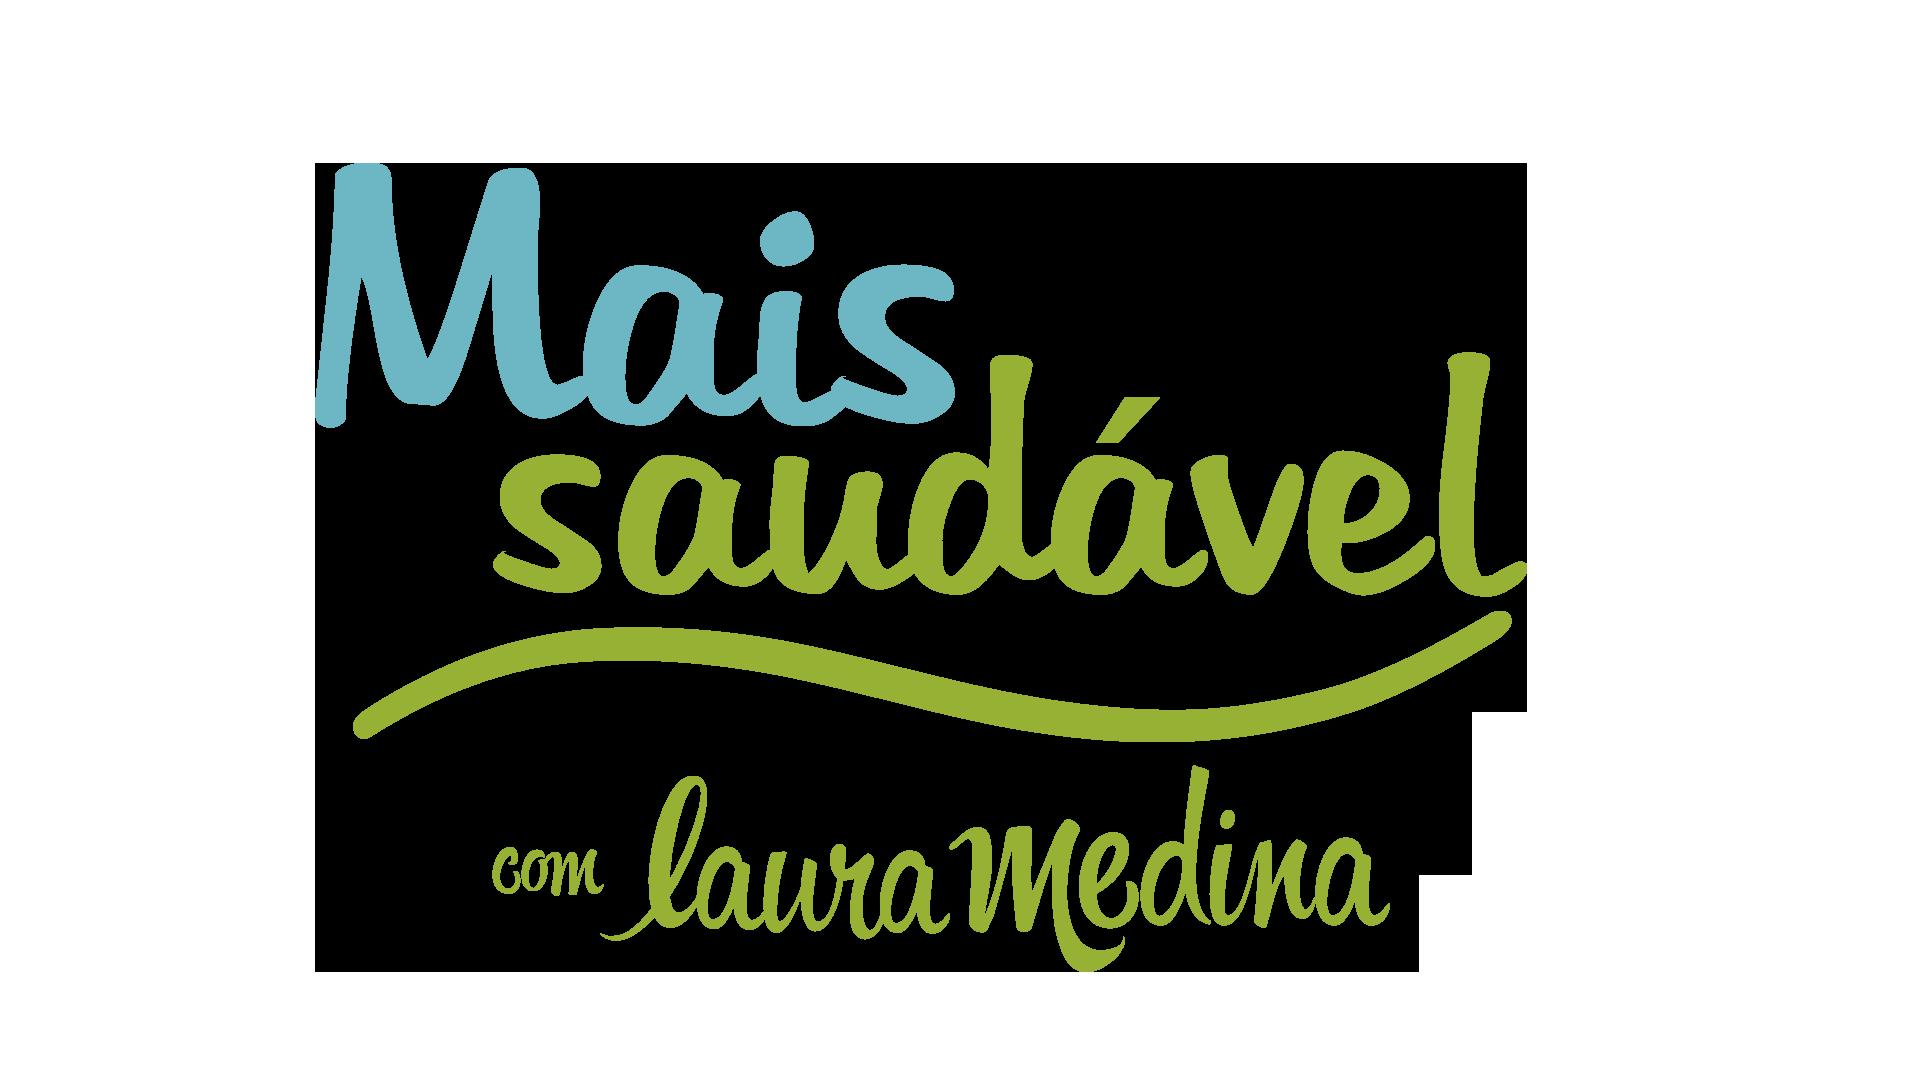 marca mais saudavel com laura medina 02 (2).png